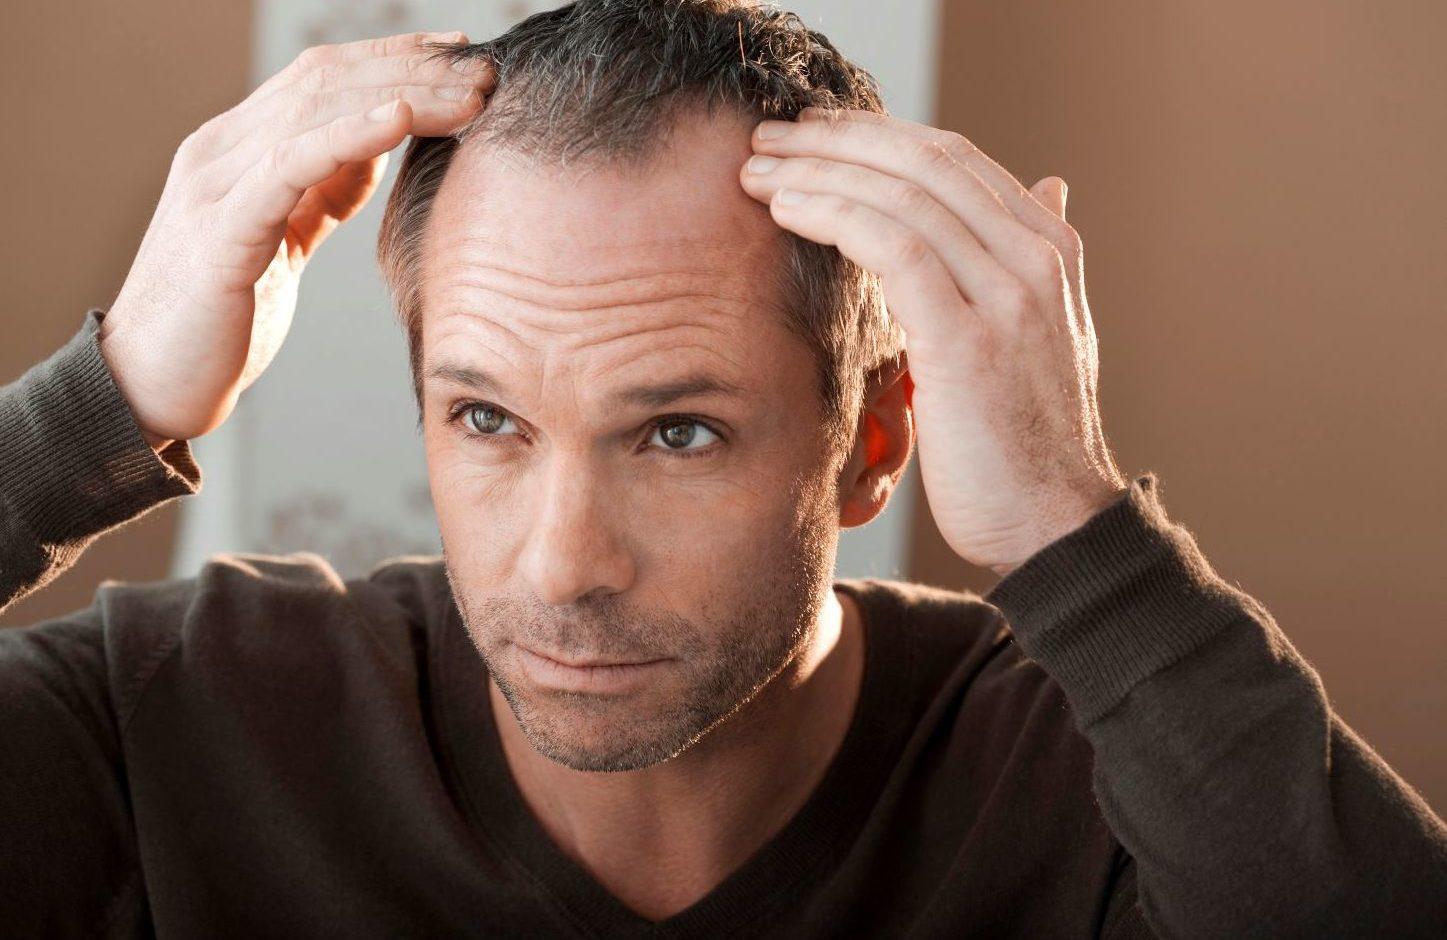 łysienie a wypadanie włosów